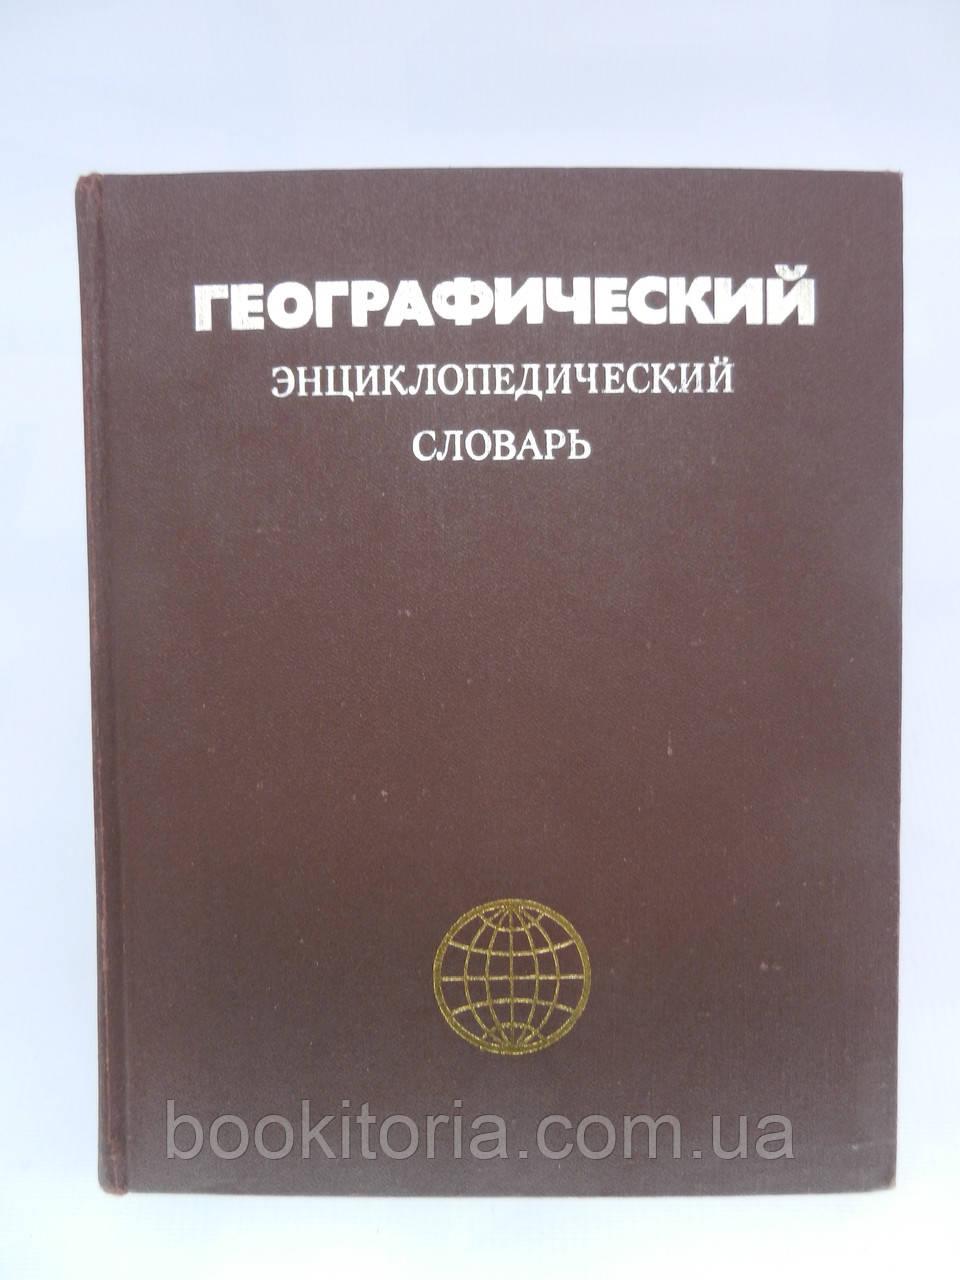 Географический энциклопедический словарь. Географические названия (б/у).